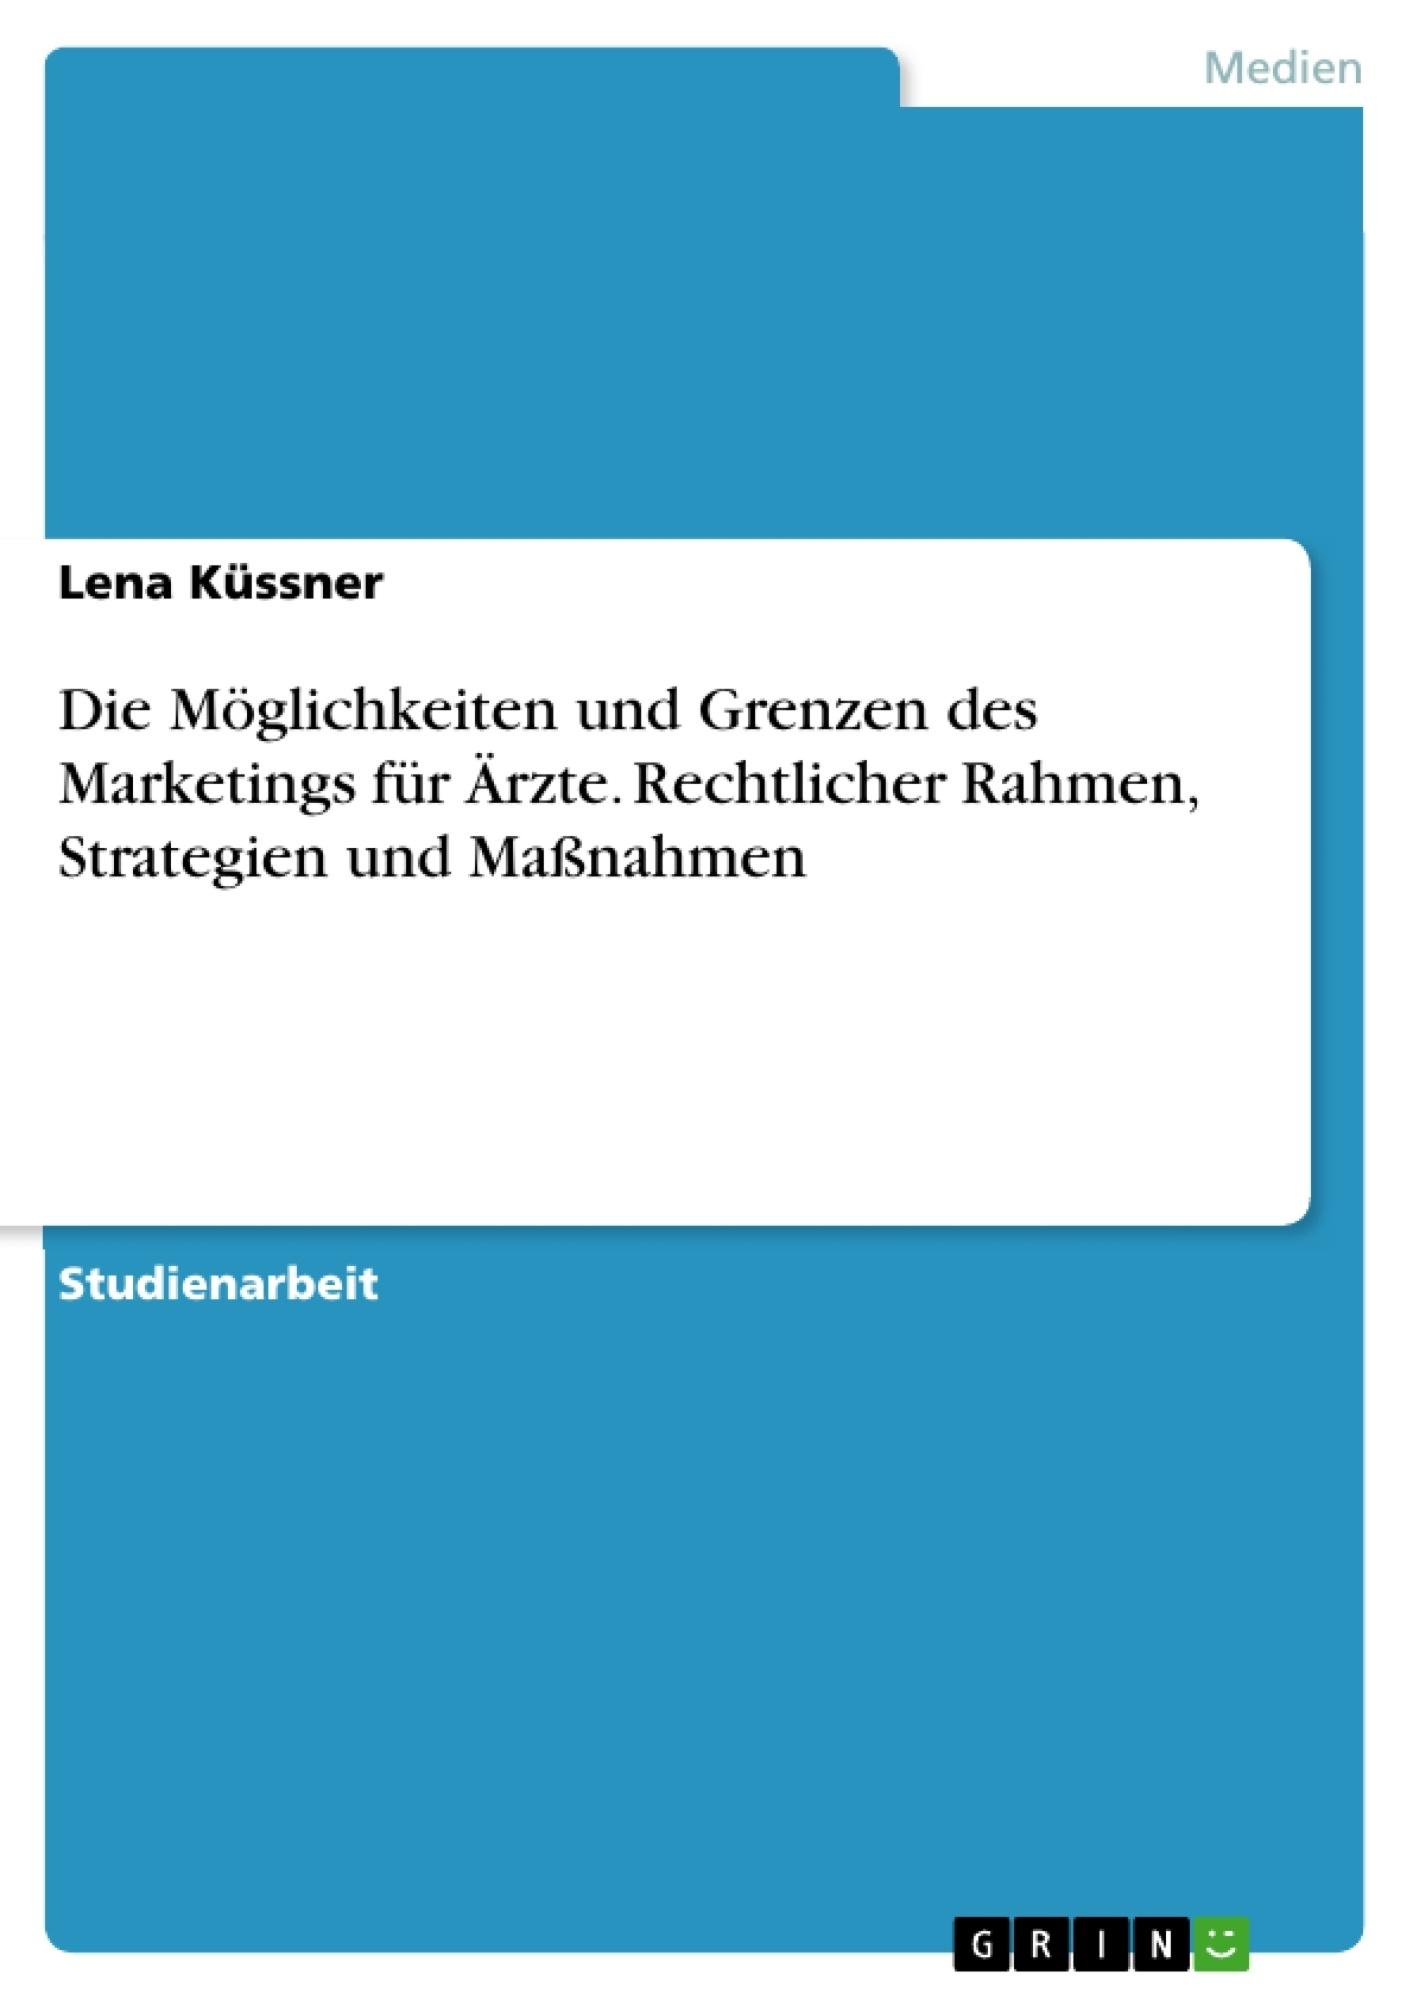 Titel: Die Möglichkeiten und Grenzen des Marketings für Ärzte. Rechtlicher Rahmen, Strategien und Maßnahmen